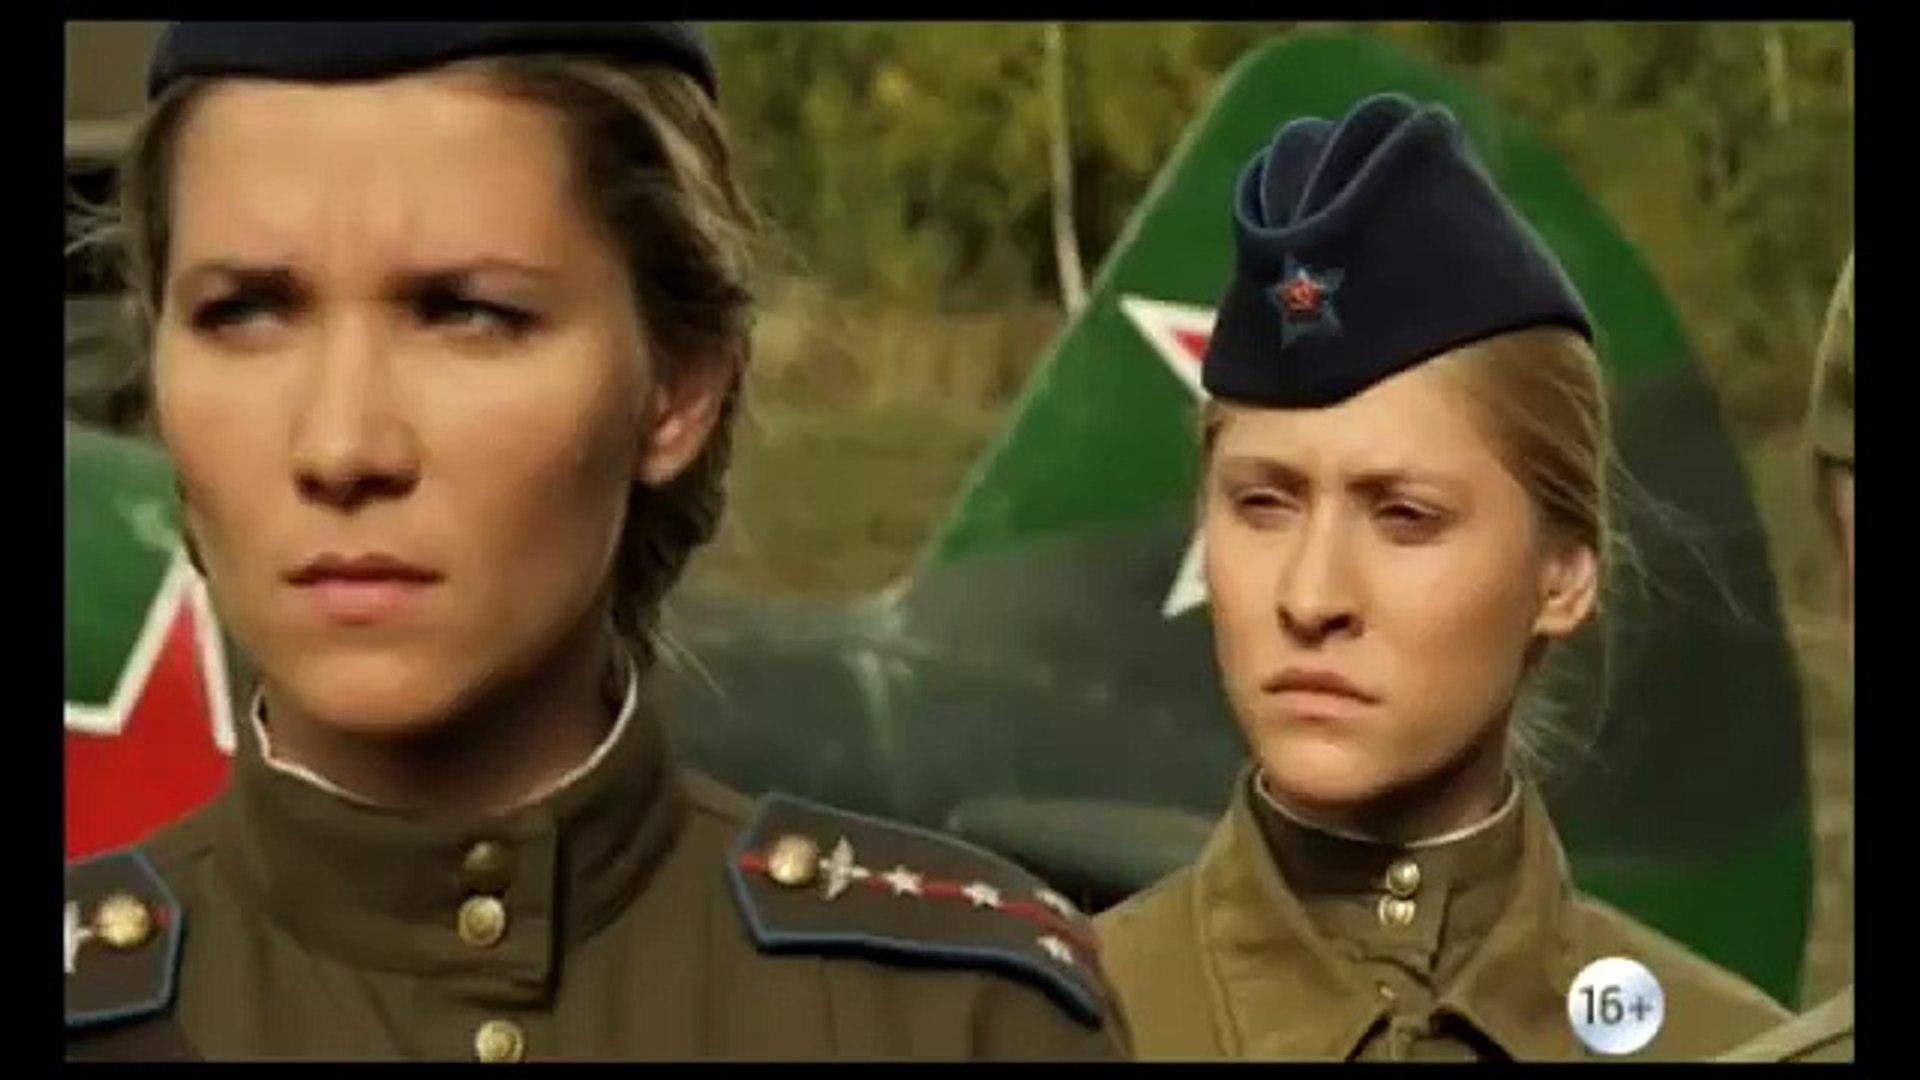 Истребители Последний бой | 12 серий | 2015 | военное |  драма | фильм